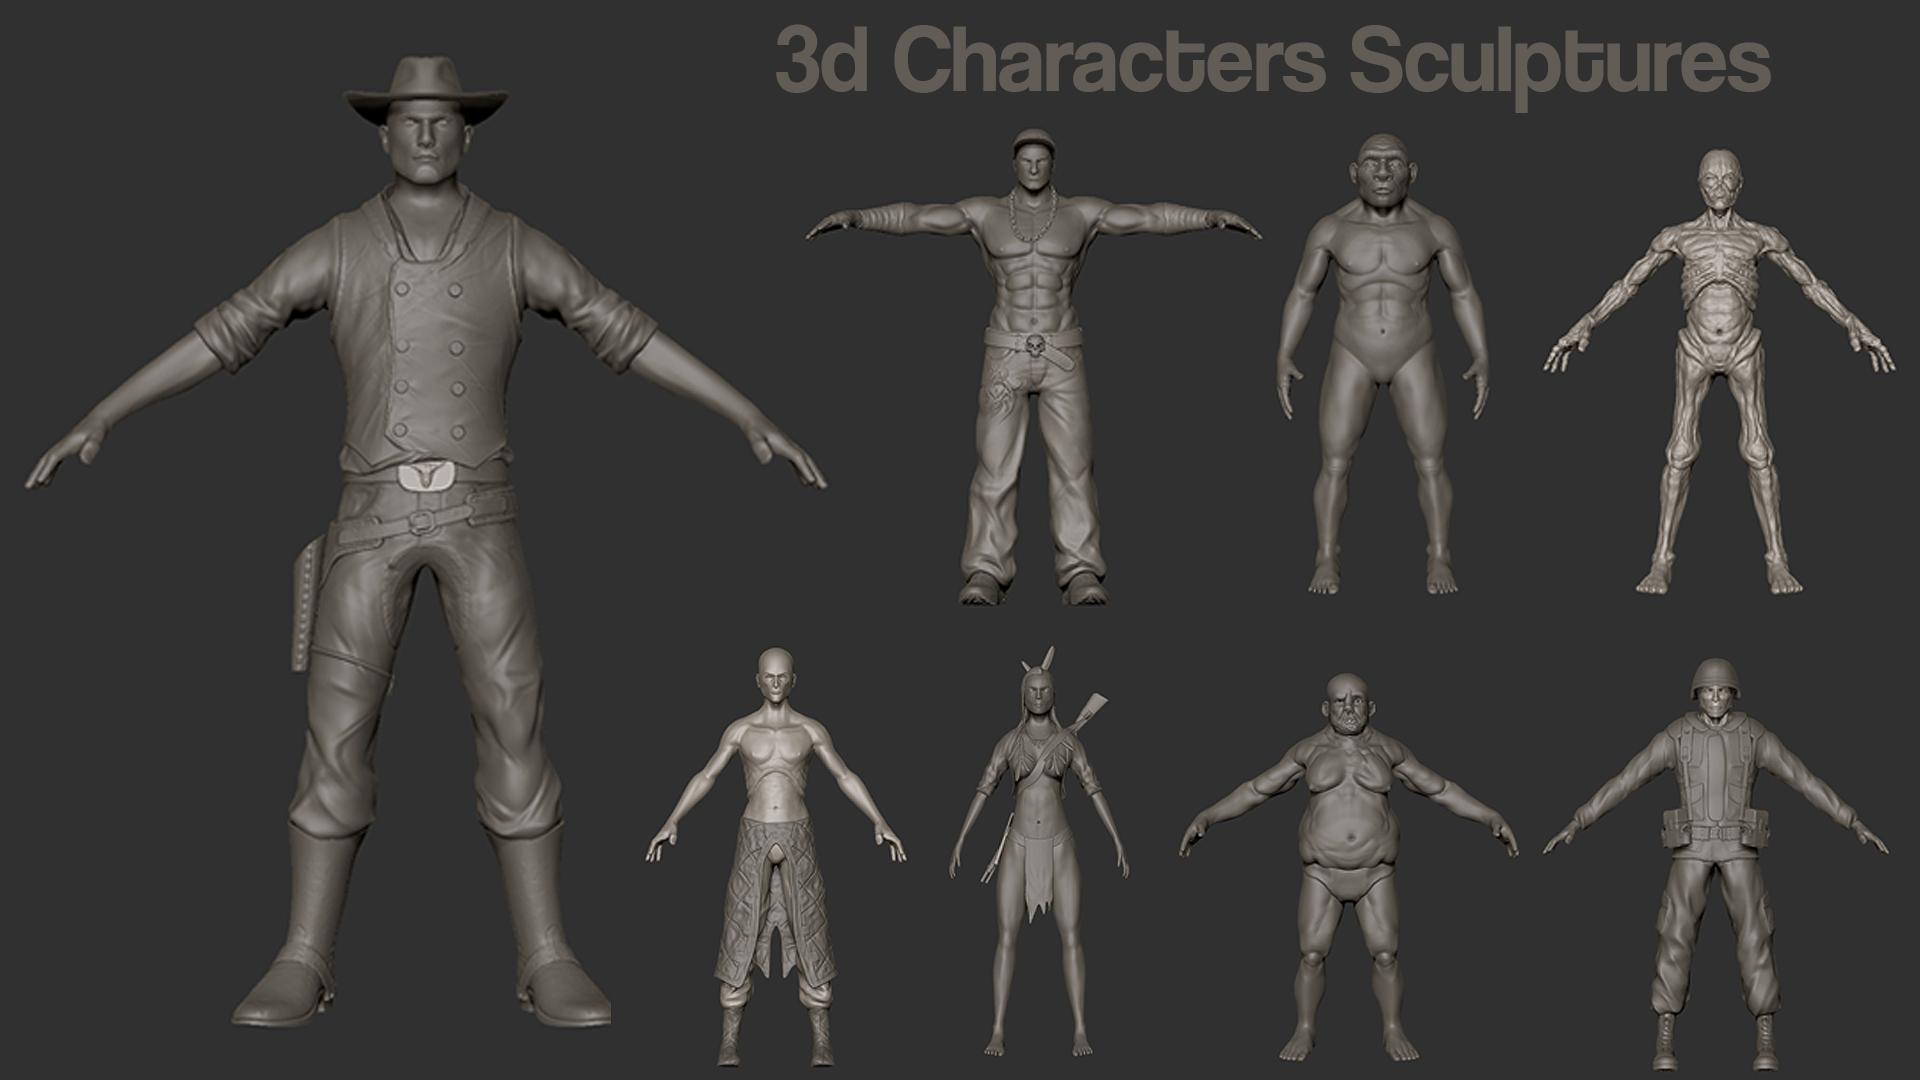 3D Characters Sculptres